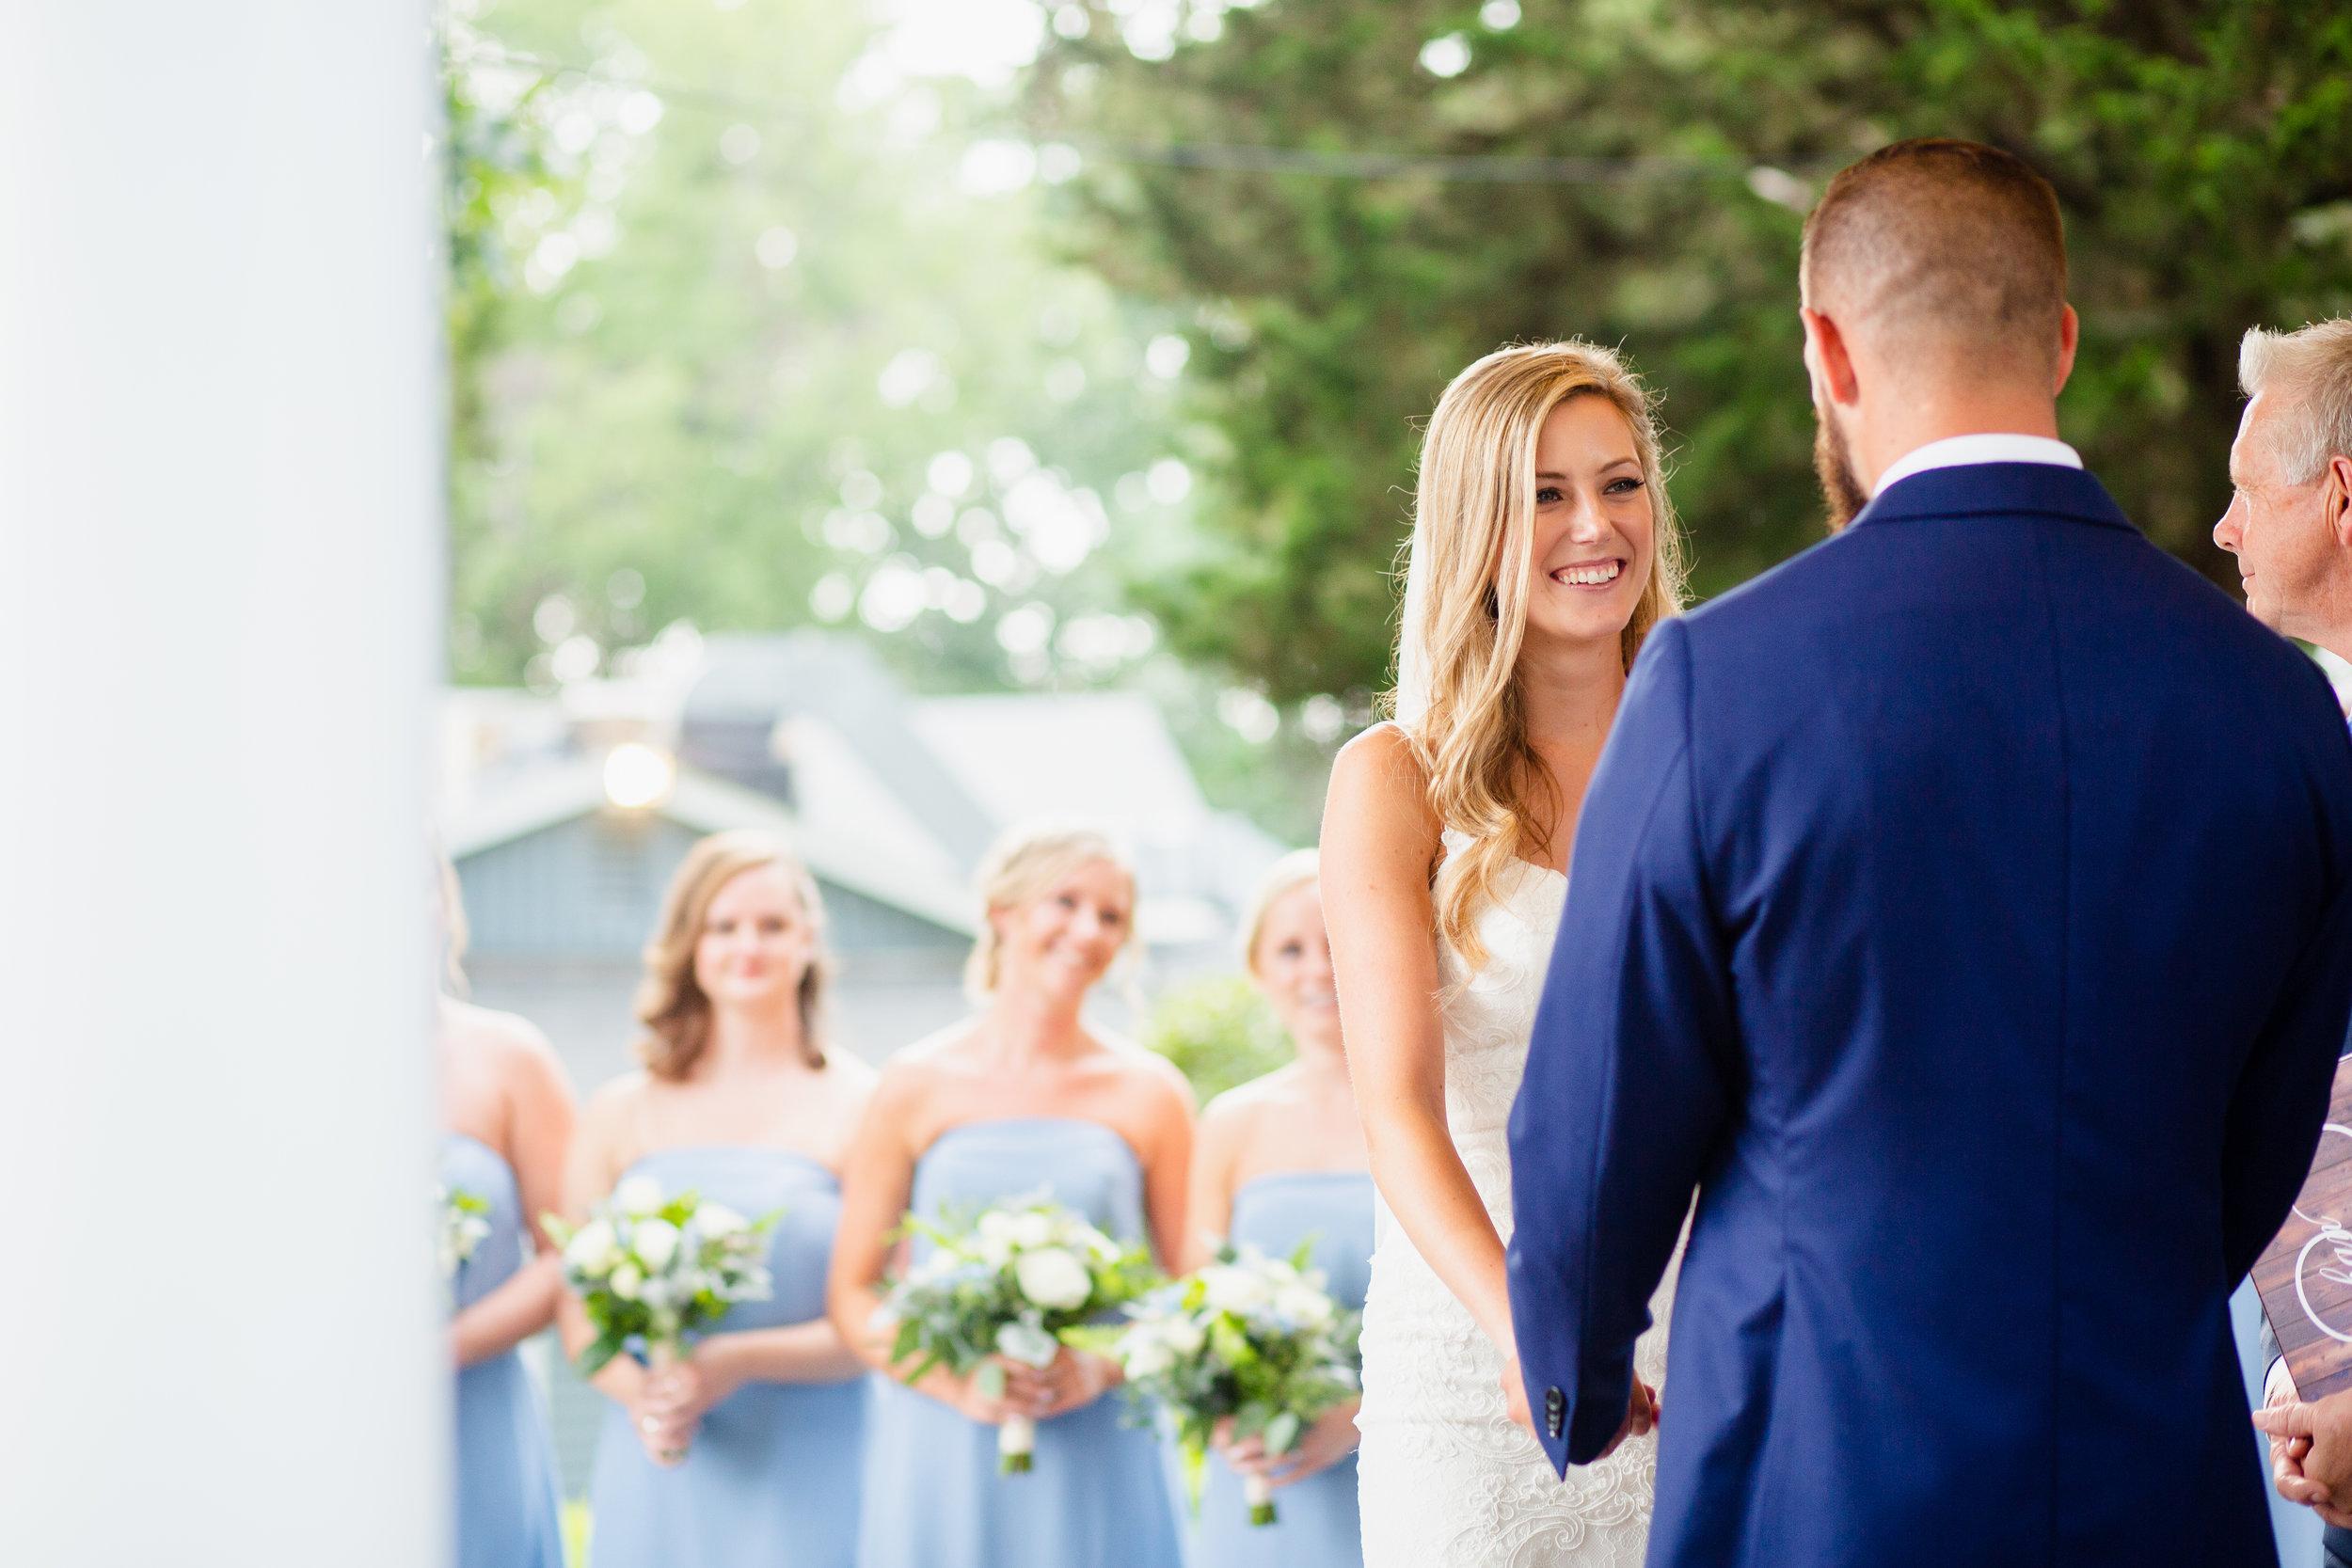 river-club-wedding-007.JPG